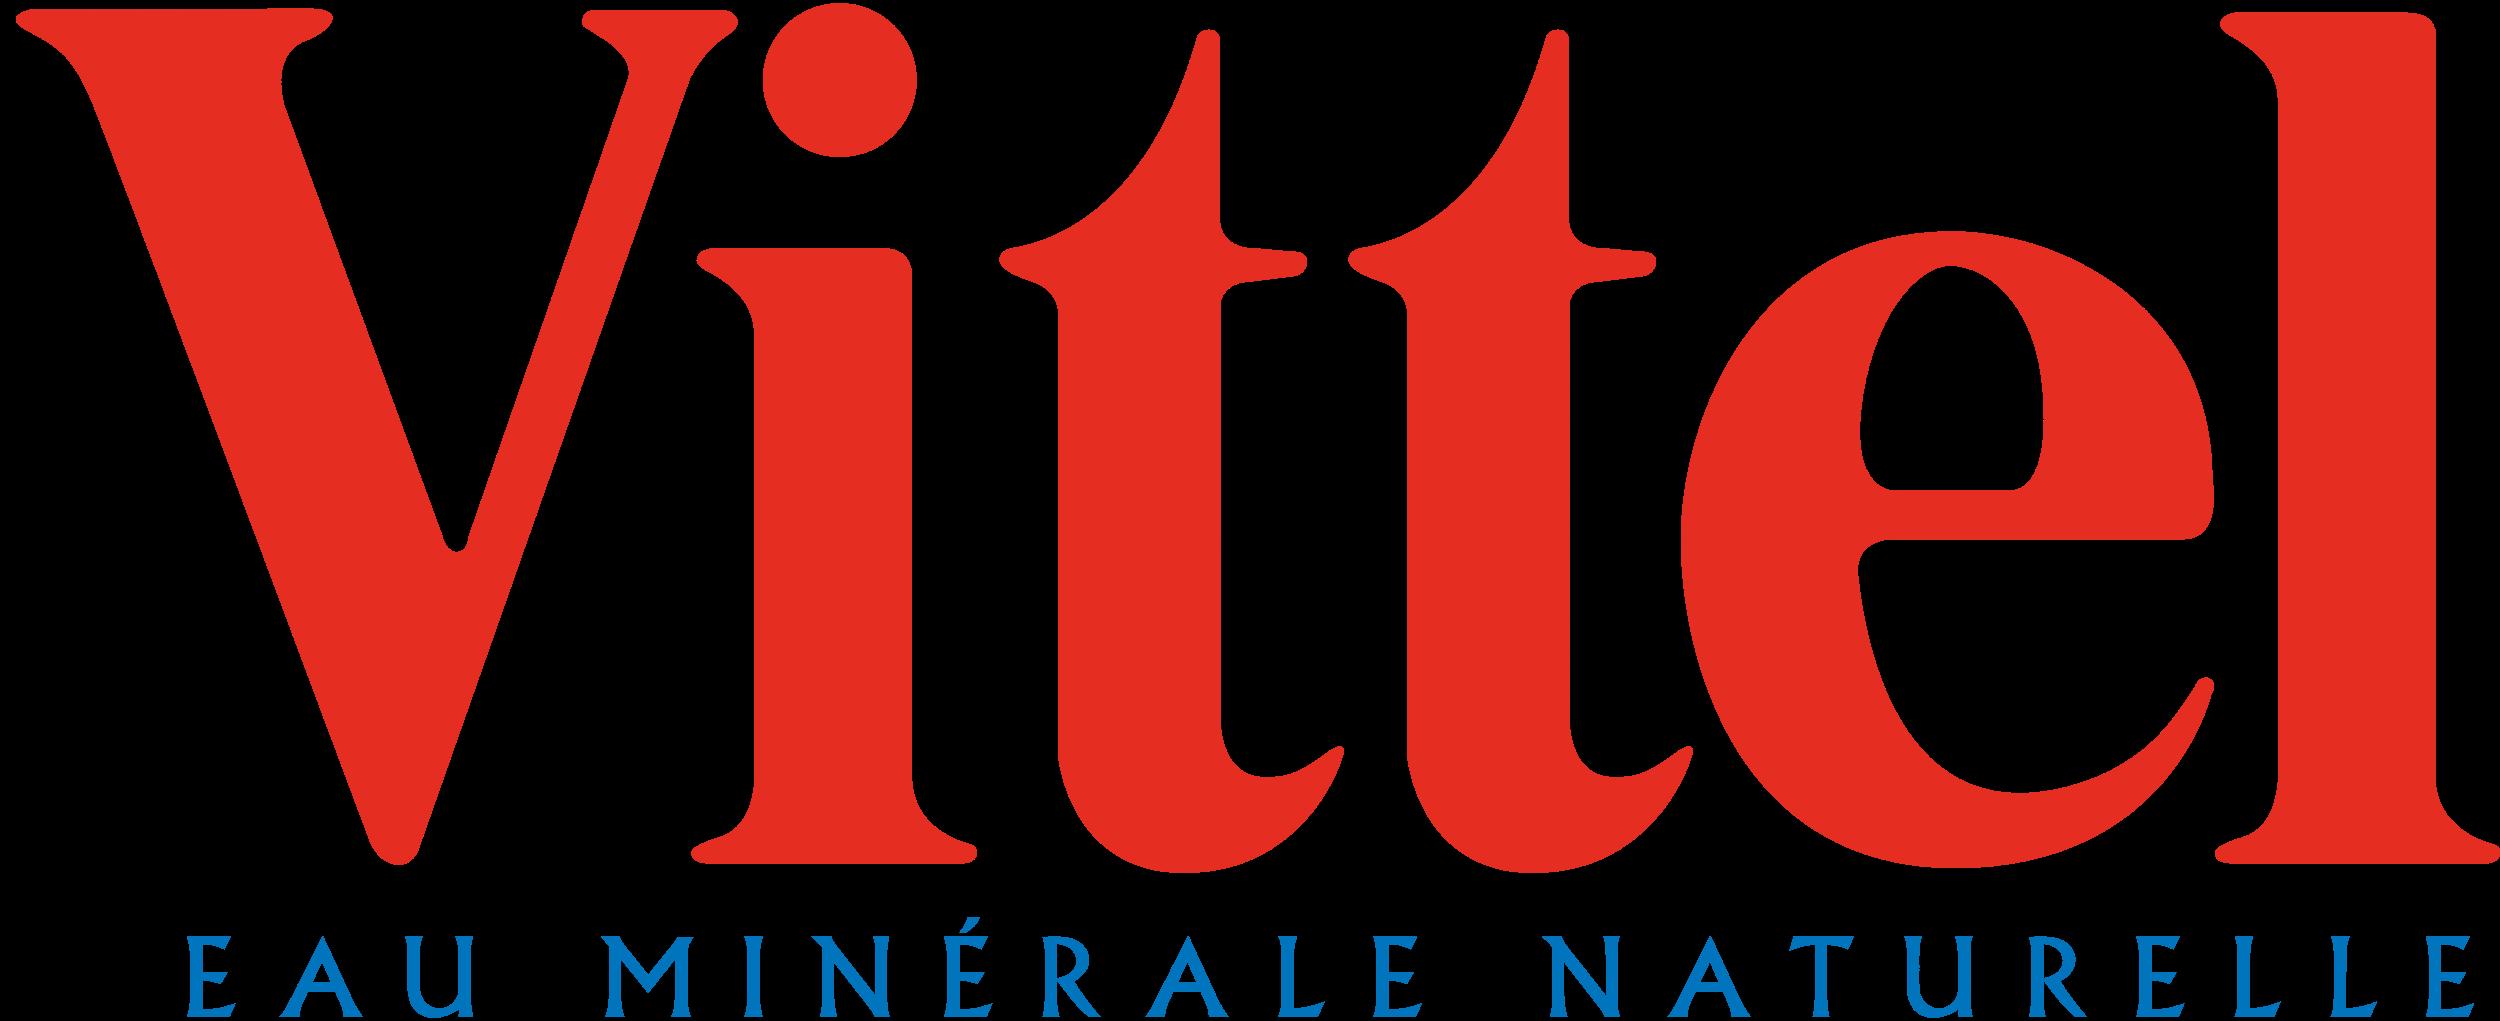 vittel-logo